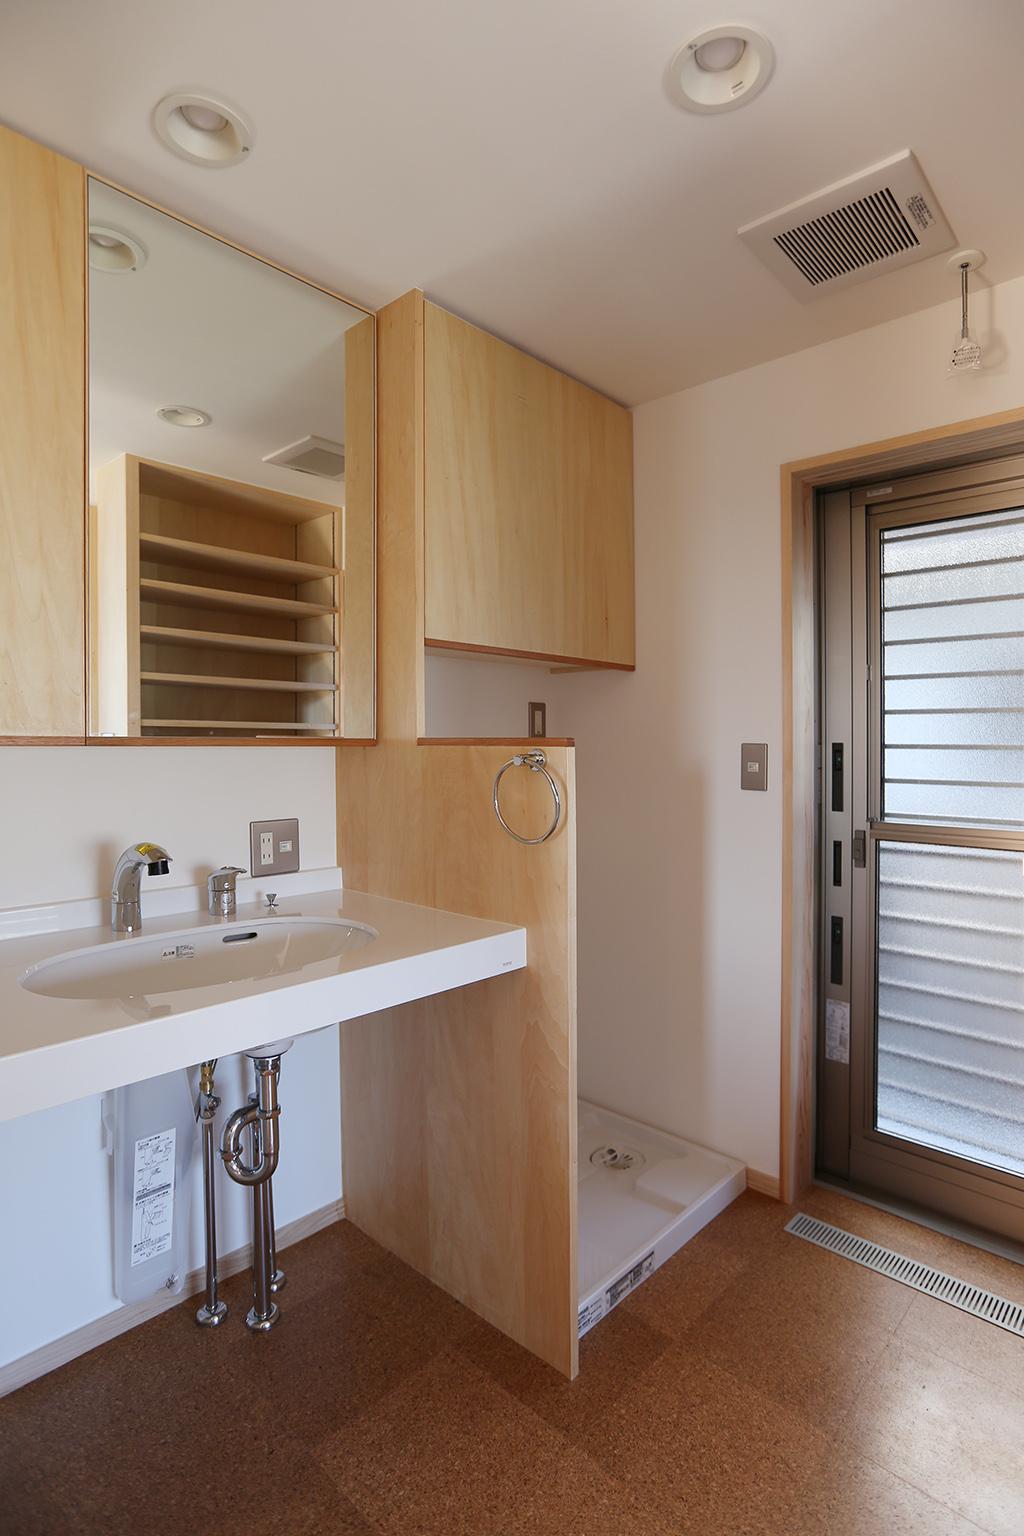 姫路市の木の家 洗面脱衣室